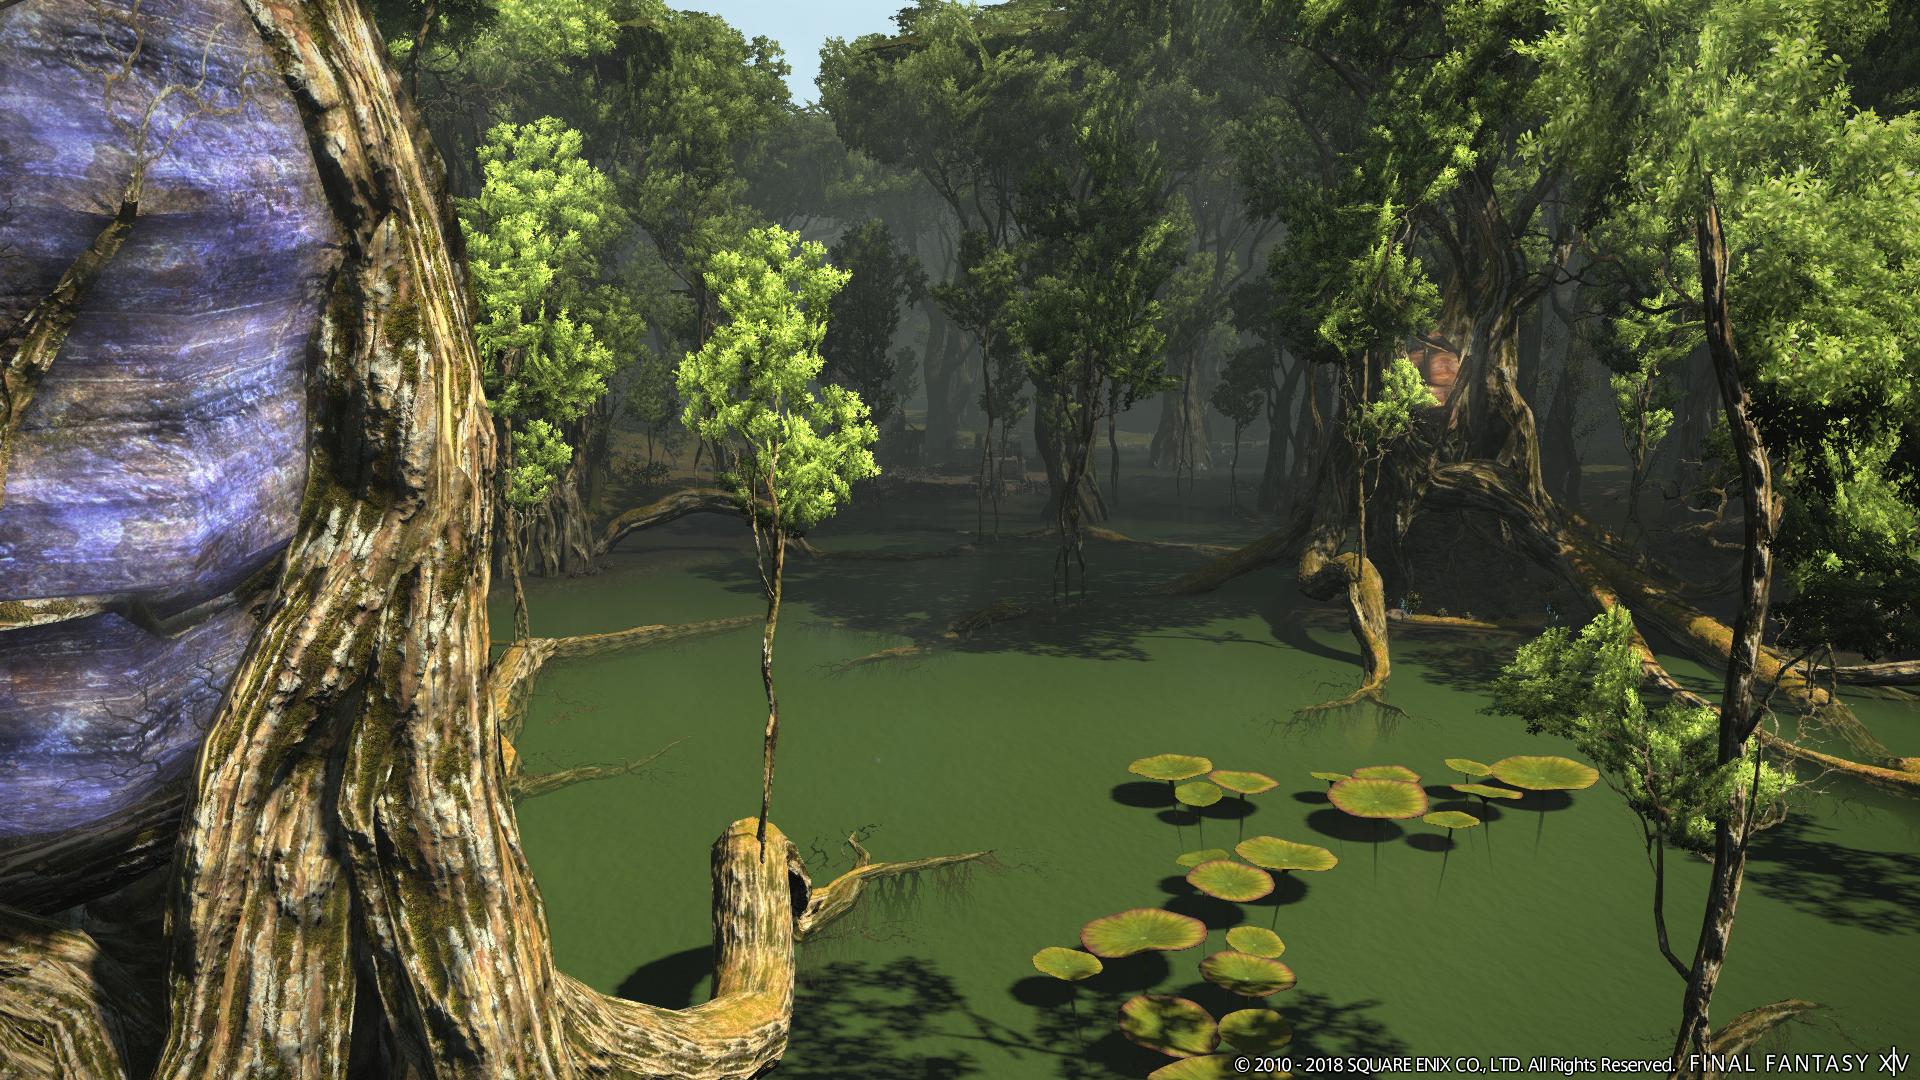 Square Enix: Final Fantasy 14 erhält Solo-Inhalte und besonderen Magier - Artwork aus Final Fantasy 14 - Shadowbringers (Bild: Square Enix)